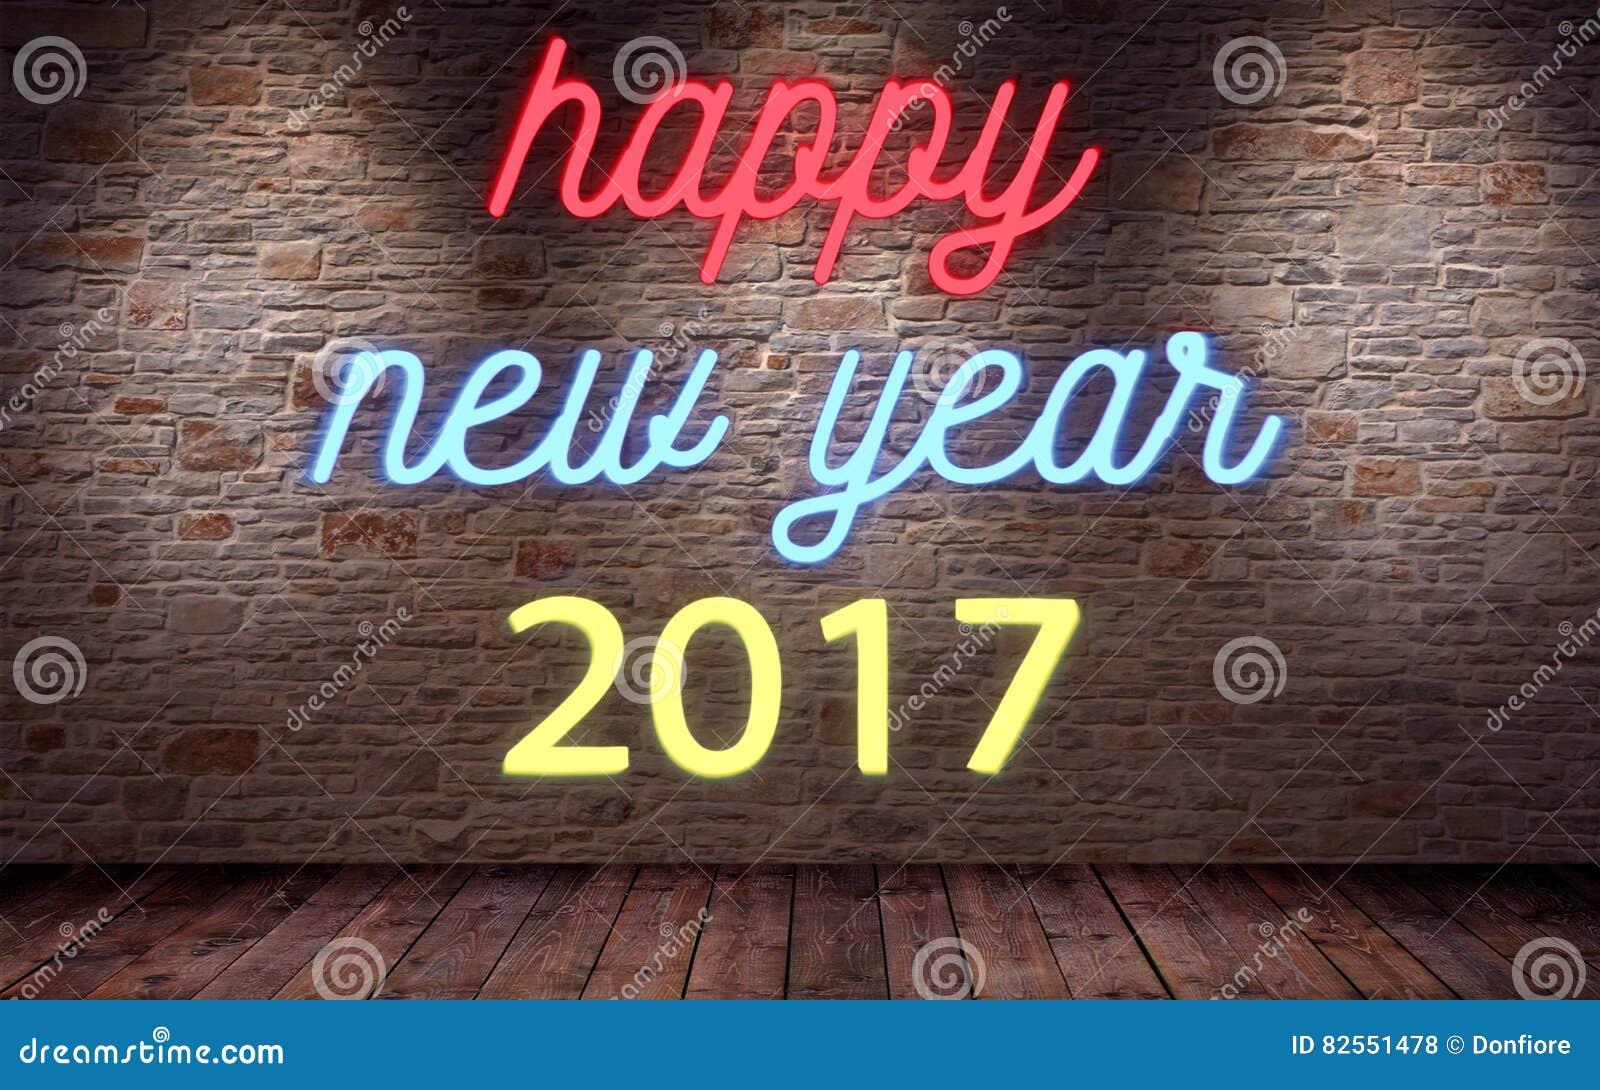 Ano novo feliz 2017, sinal de néon de cintilação piscar na parede de tijolo e fundo da madeira